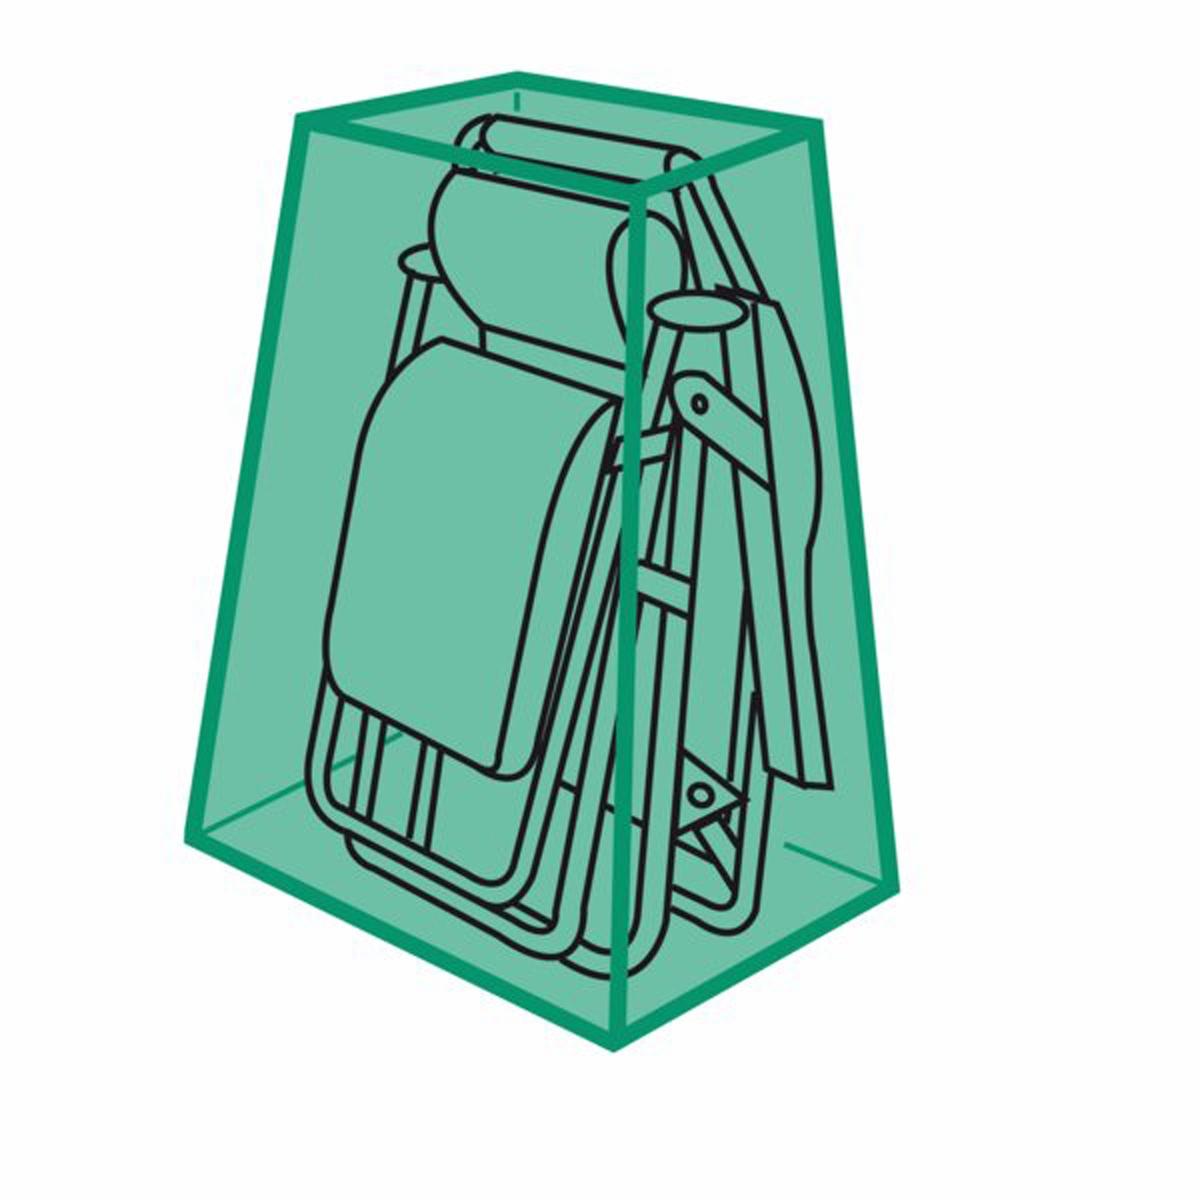 Чехол защитный для креслаВысокое качество материала, герметичность, неподверженность гниению.Характеристики чехла :- Выполнен из спаянного полиэтилена- Нержавеющие люверсы- Система быстрого складывания- Цвет зеленый полупрозрачныйРазмеры :- Для складного кресла - Размеры. Выс 105 x Дл 95 см<br><br>Цвет: зеленый<br>Размер: единый размер